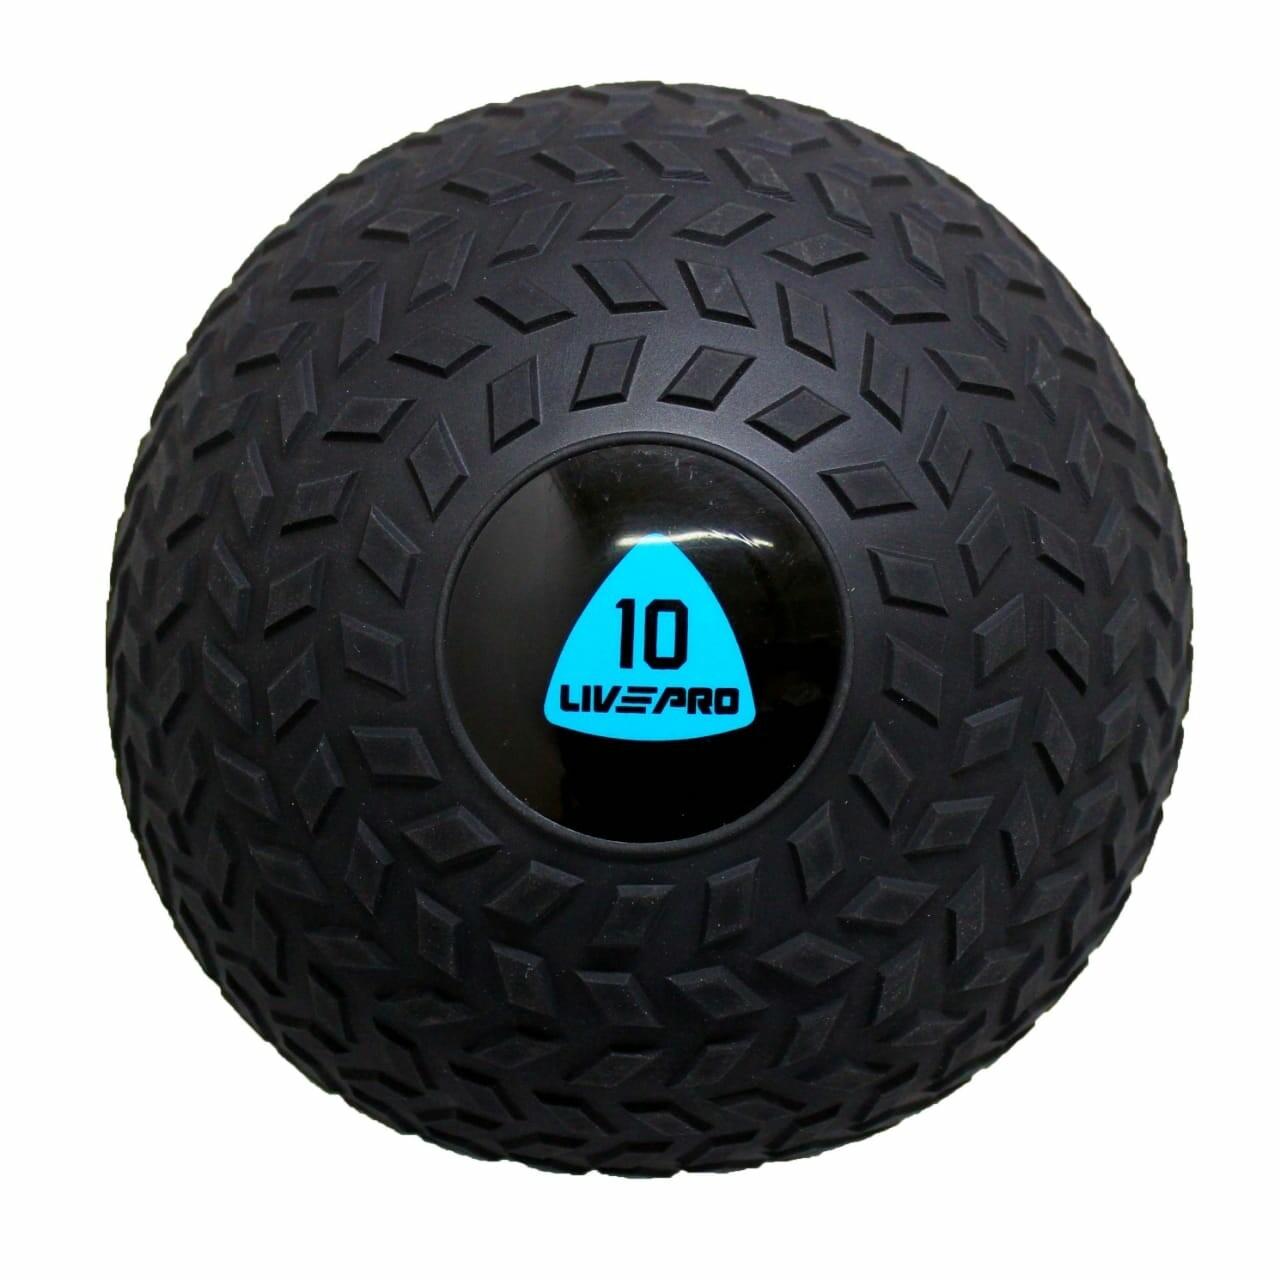 SLAM BALL PRO 10Kg